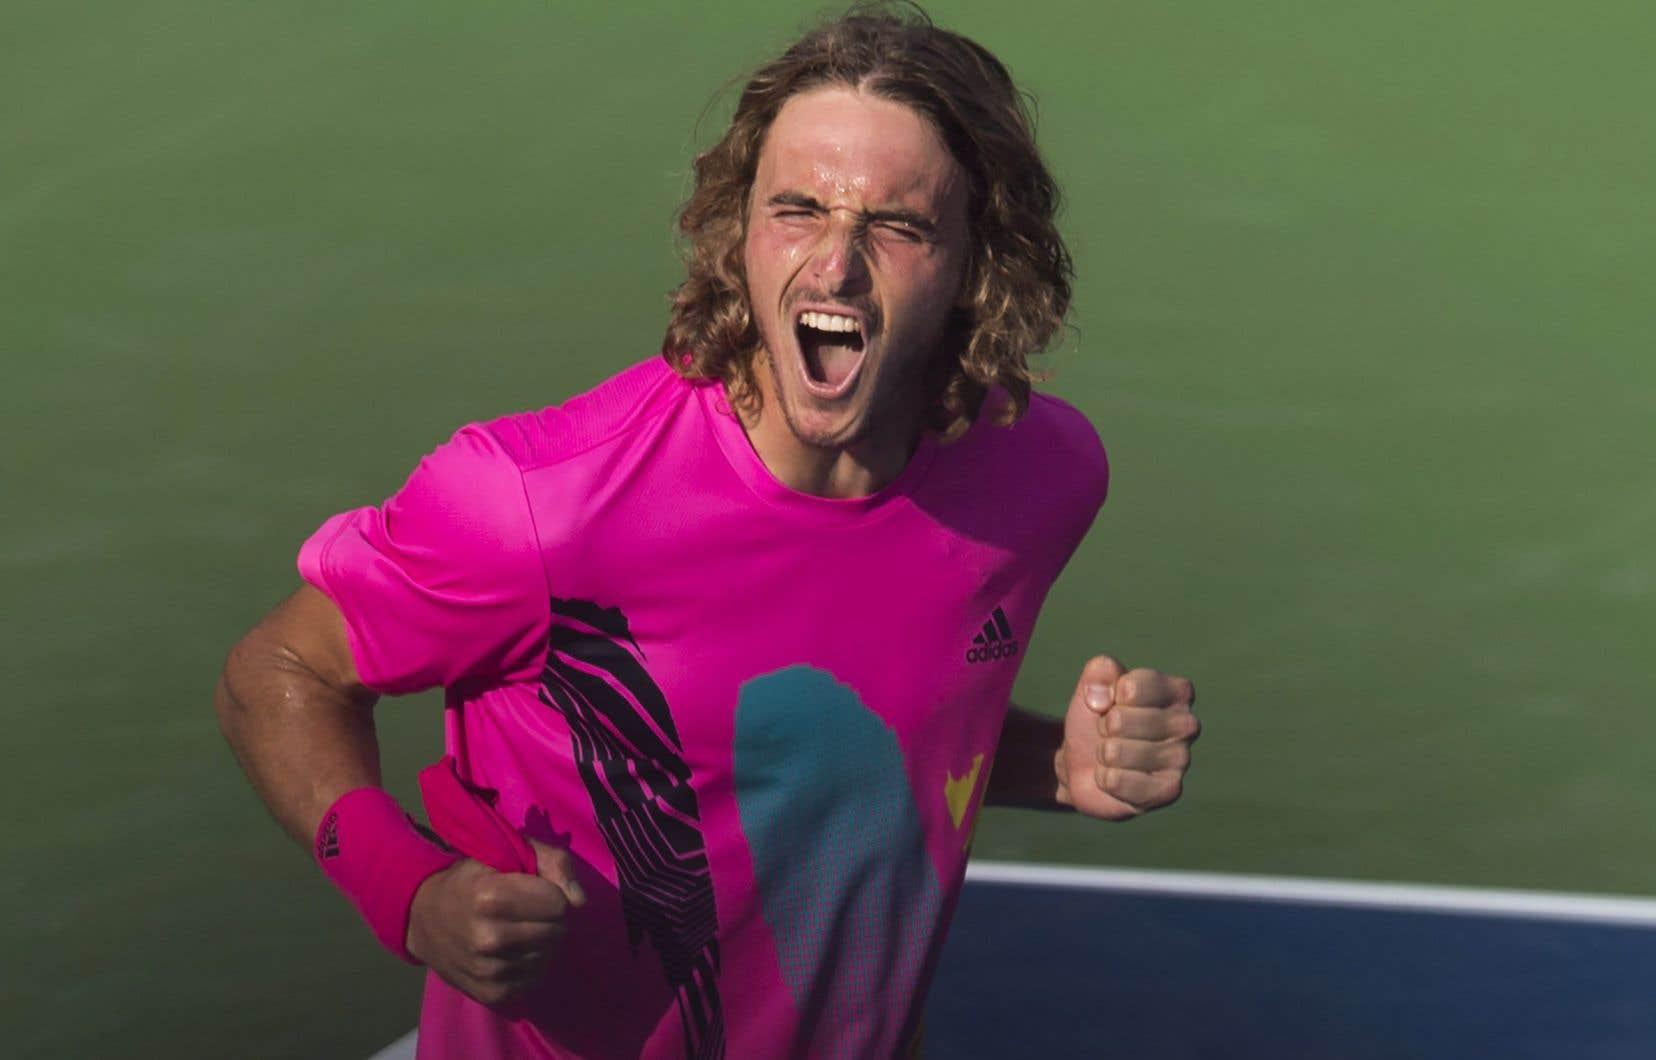 Stéfanos Tsitsipás affrontera en finale dimanche le vainqueur du duel entre Rafael Nadal etKaren Khachanov.